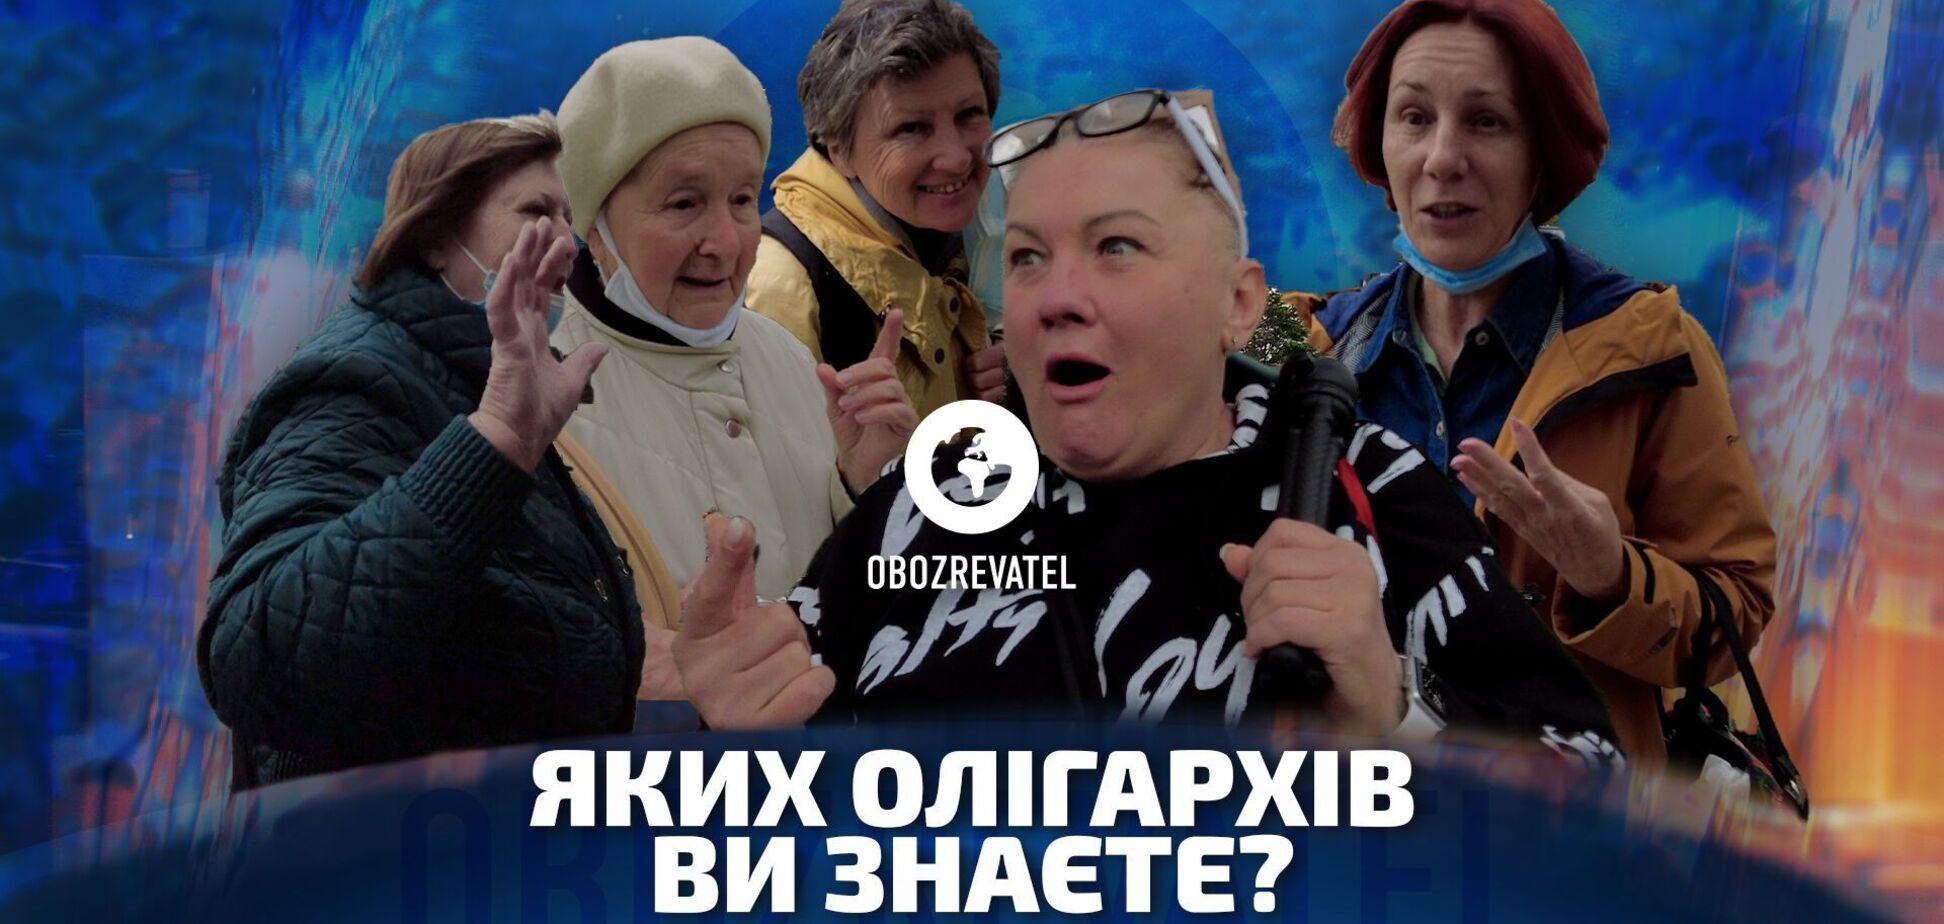 Чи знають українці вітчизняних олігархів: опитування